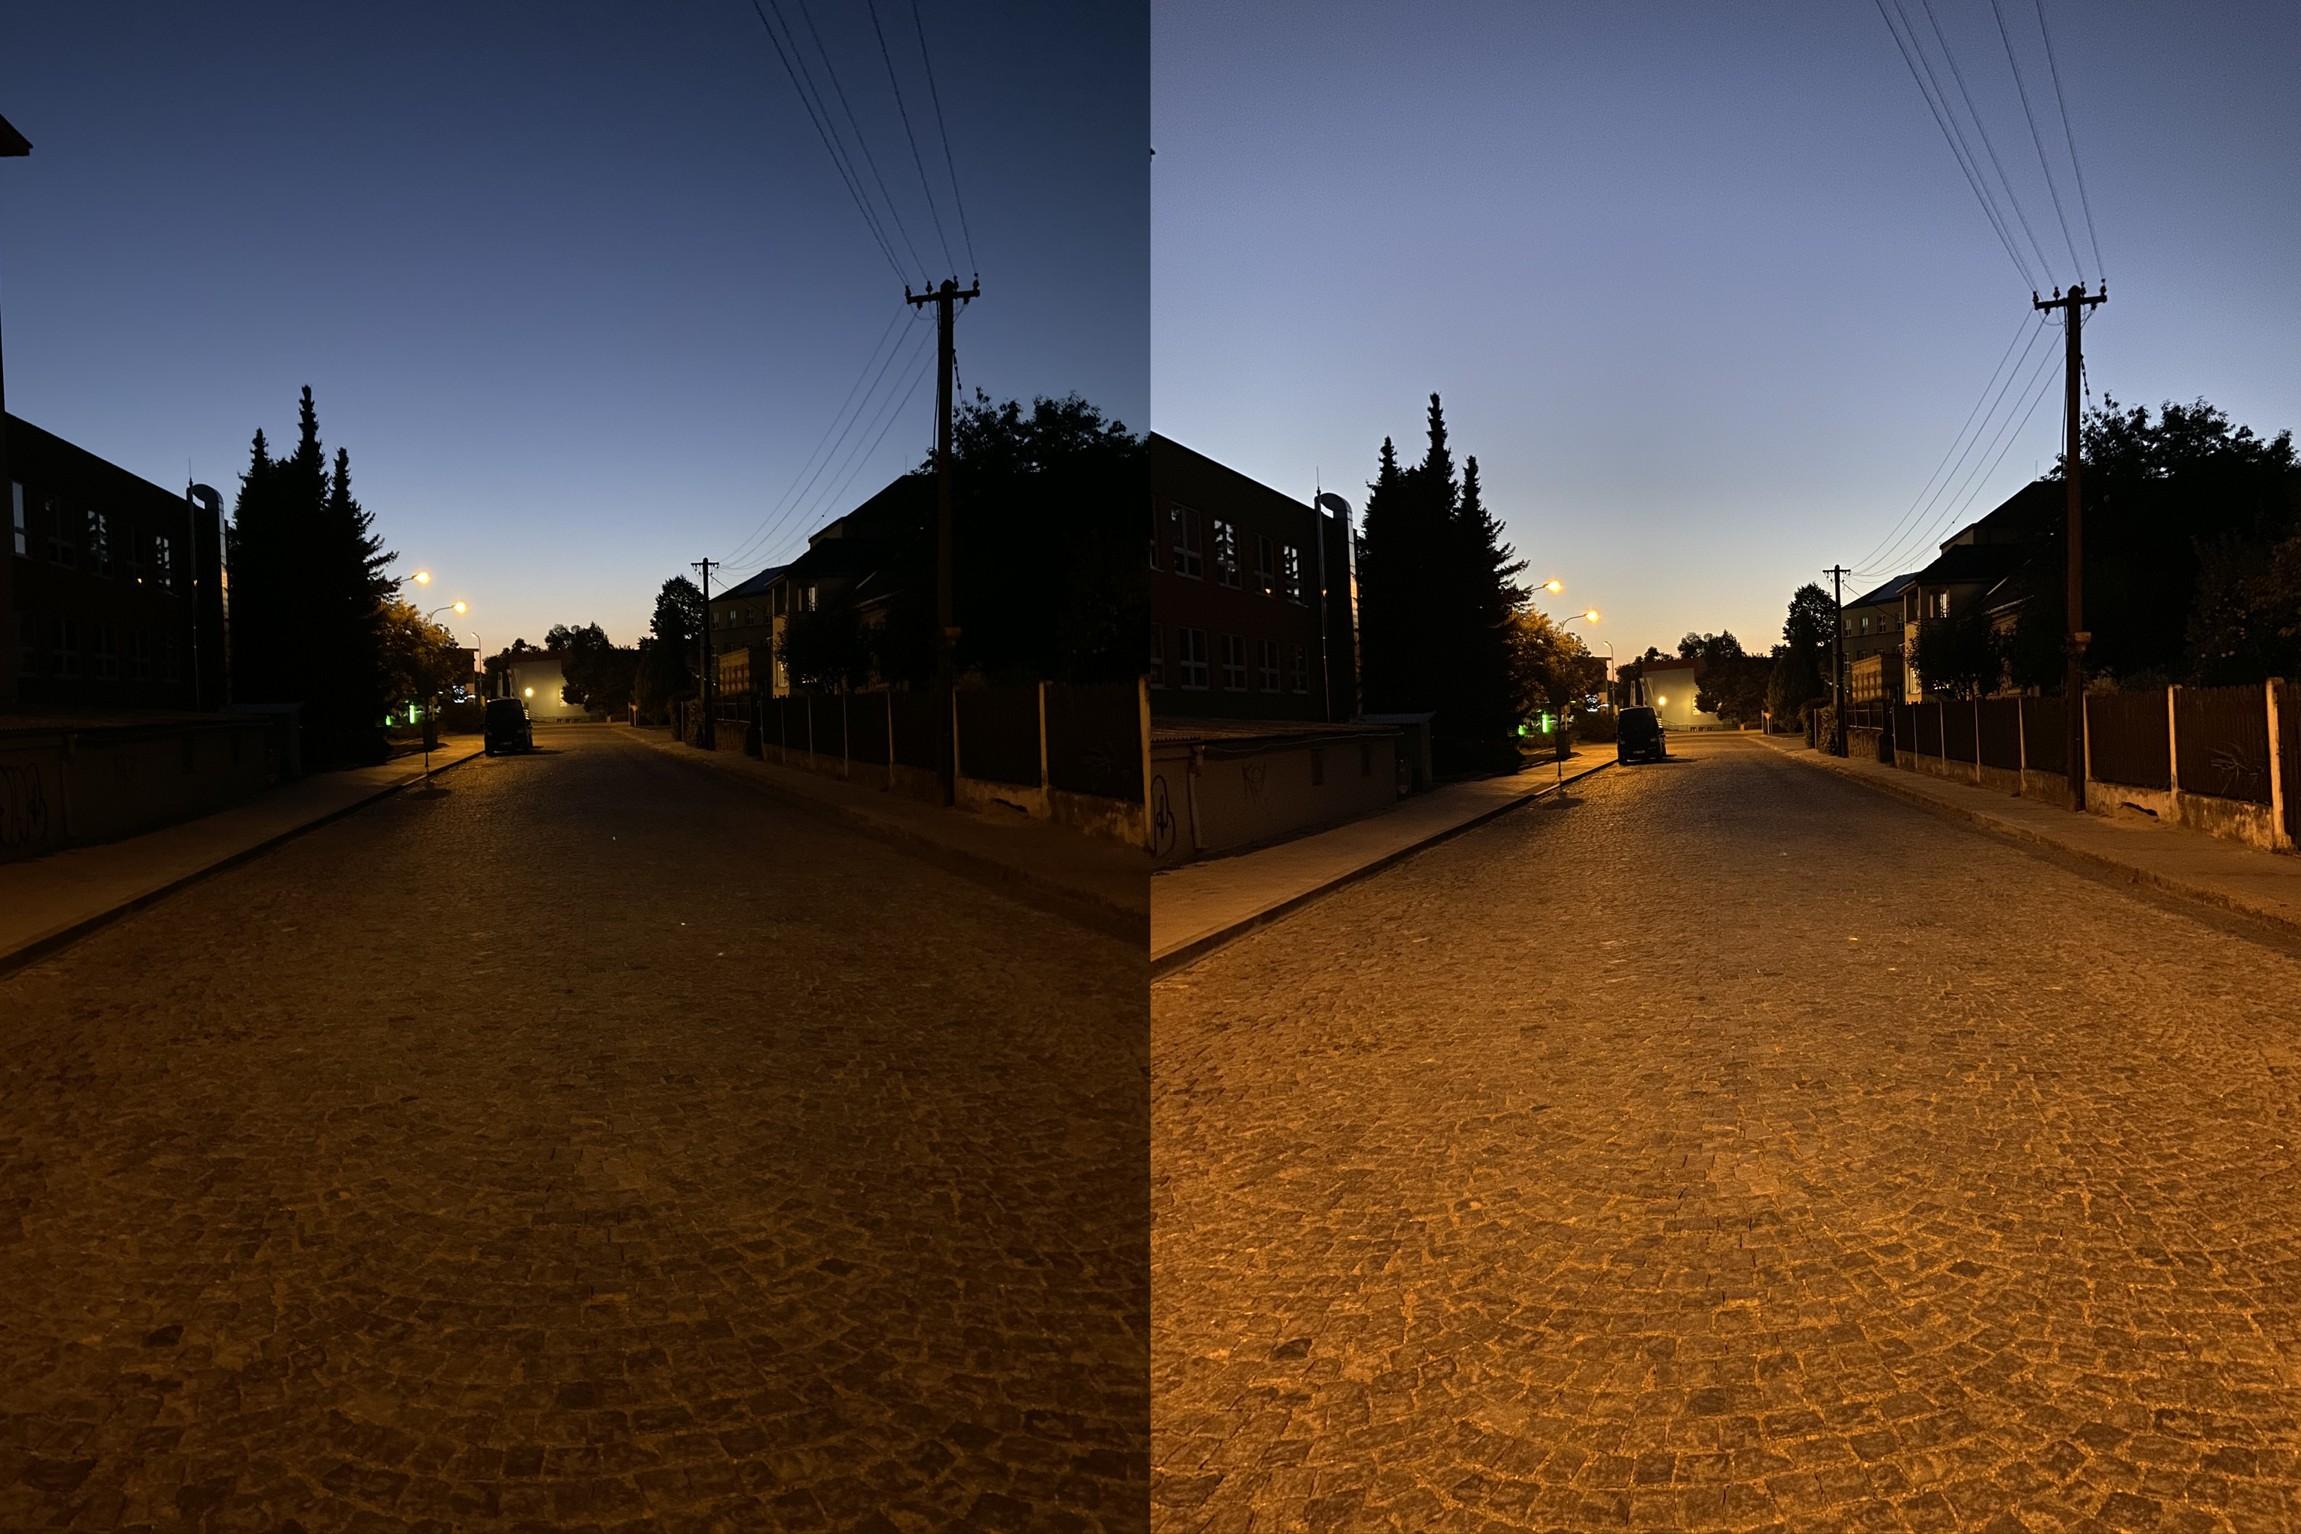 Test nocniho rezimu iPhonu 11 a iPhonu XS zachycujici ulici